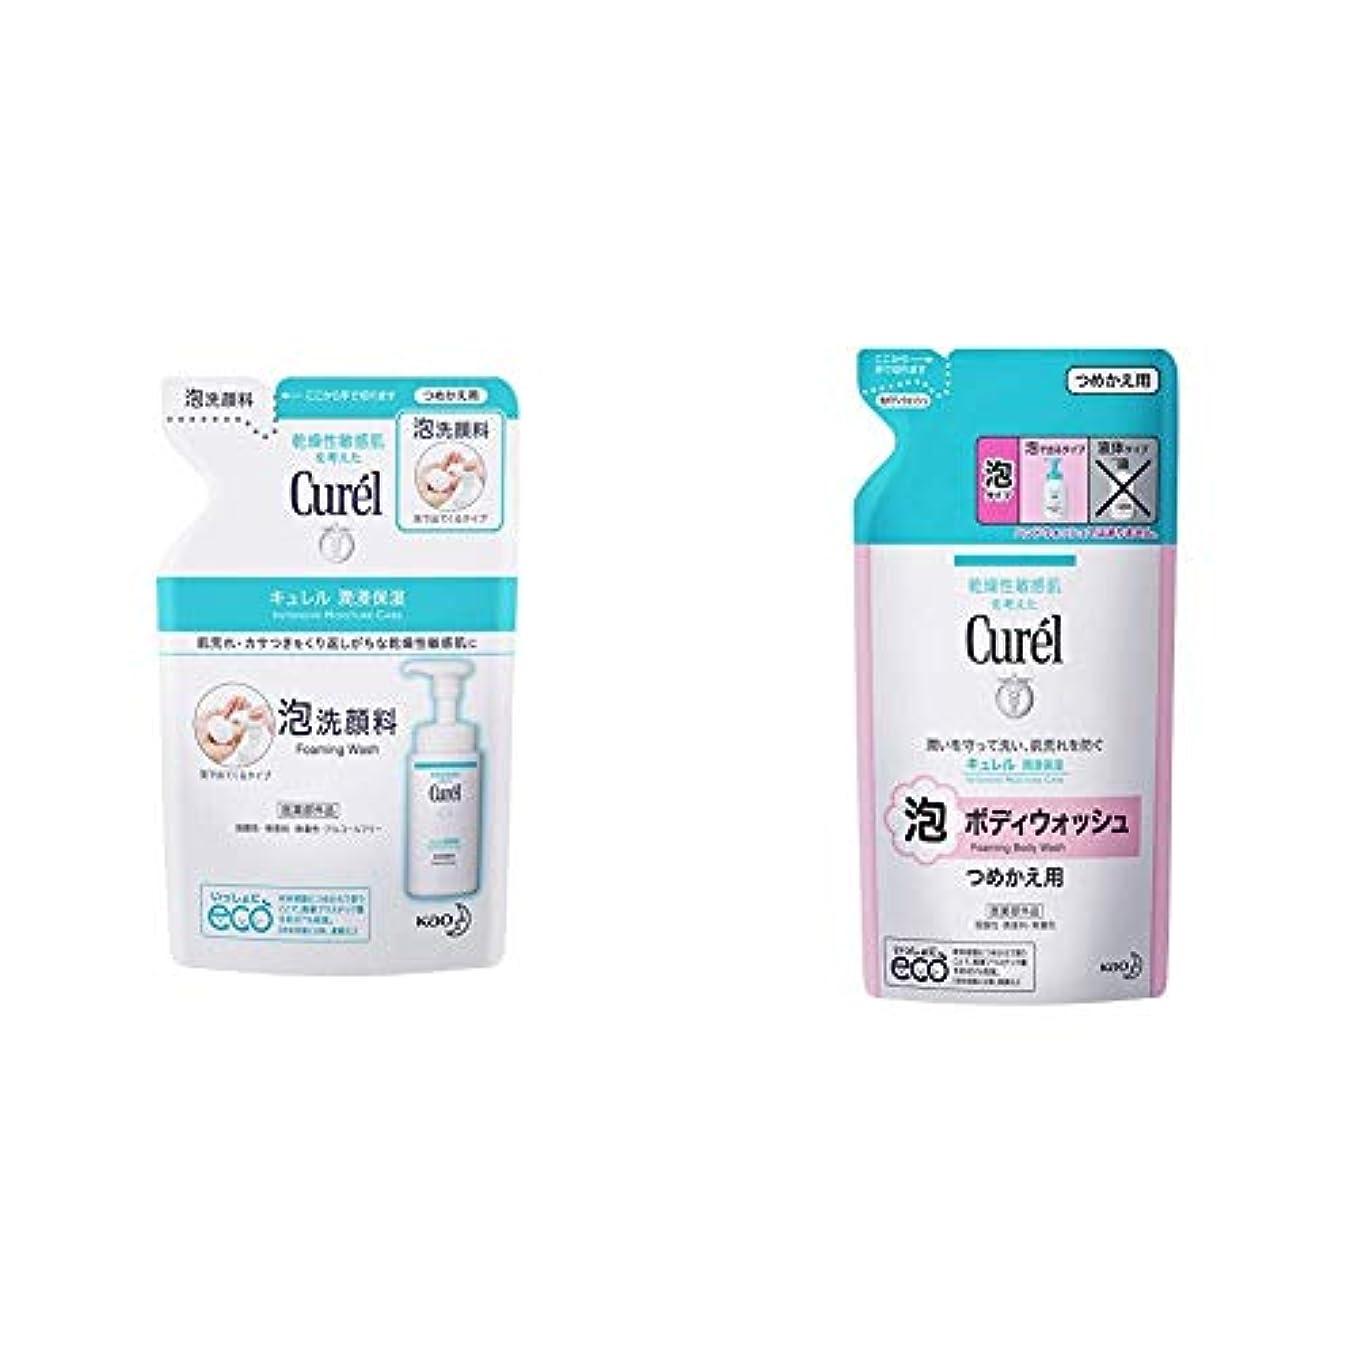 ズーム長々と危機キュレル 泡洗顔料 つめかえ用 130ml & 泡ボディウォッシュ つめかえ用 380ml(赤ちゃんにも使えます)